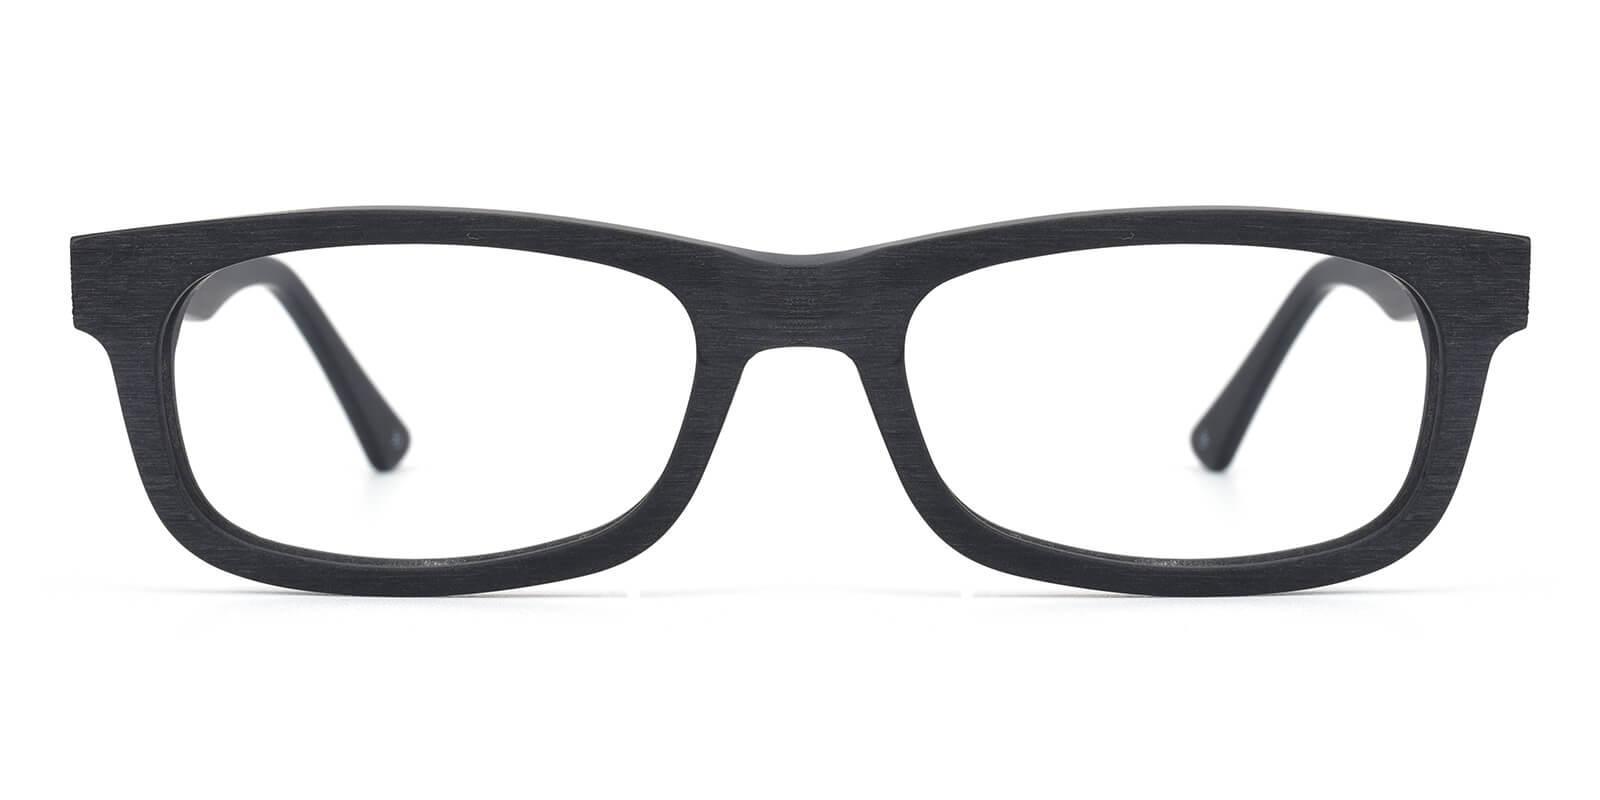 Natasha-Black-Rectangle-Acetate-Eyeglasses-additional2